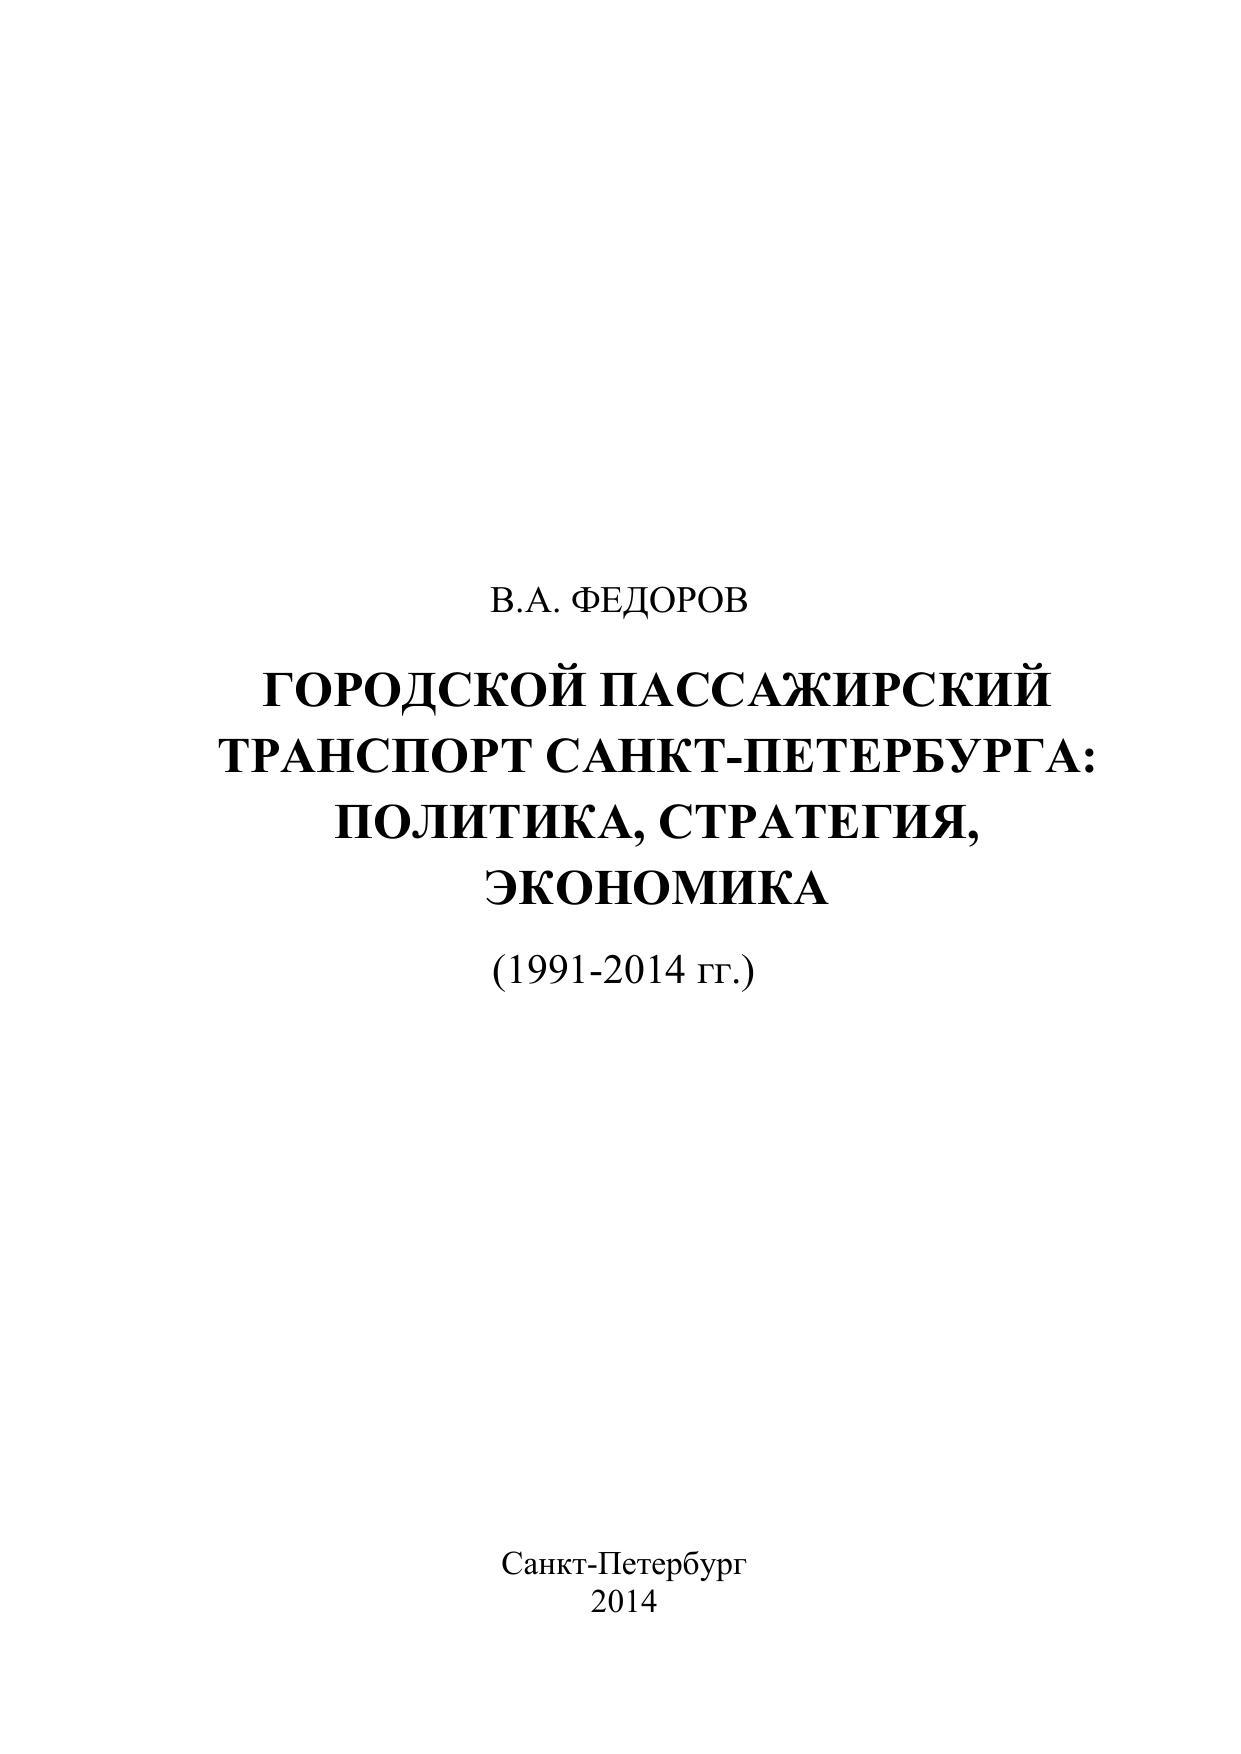 Читать онлайн Директор информационной службы №04/2012